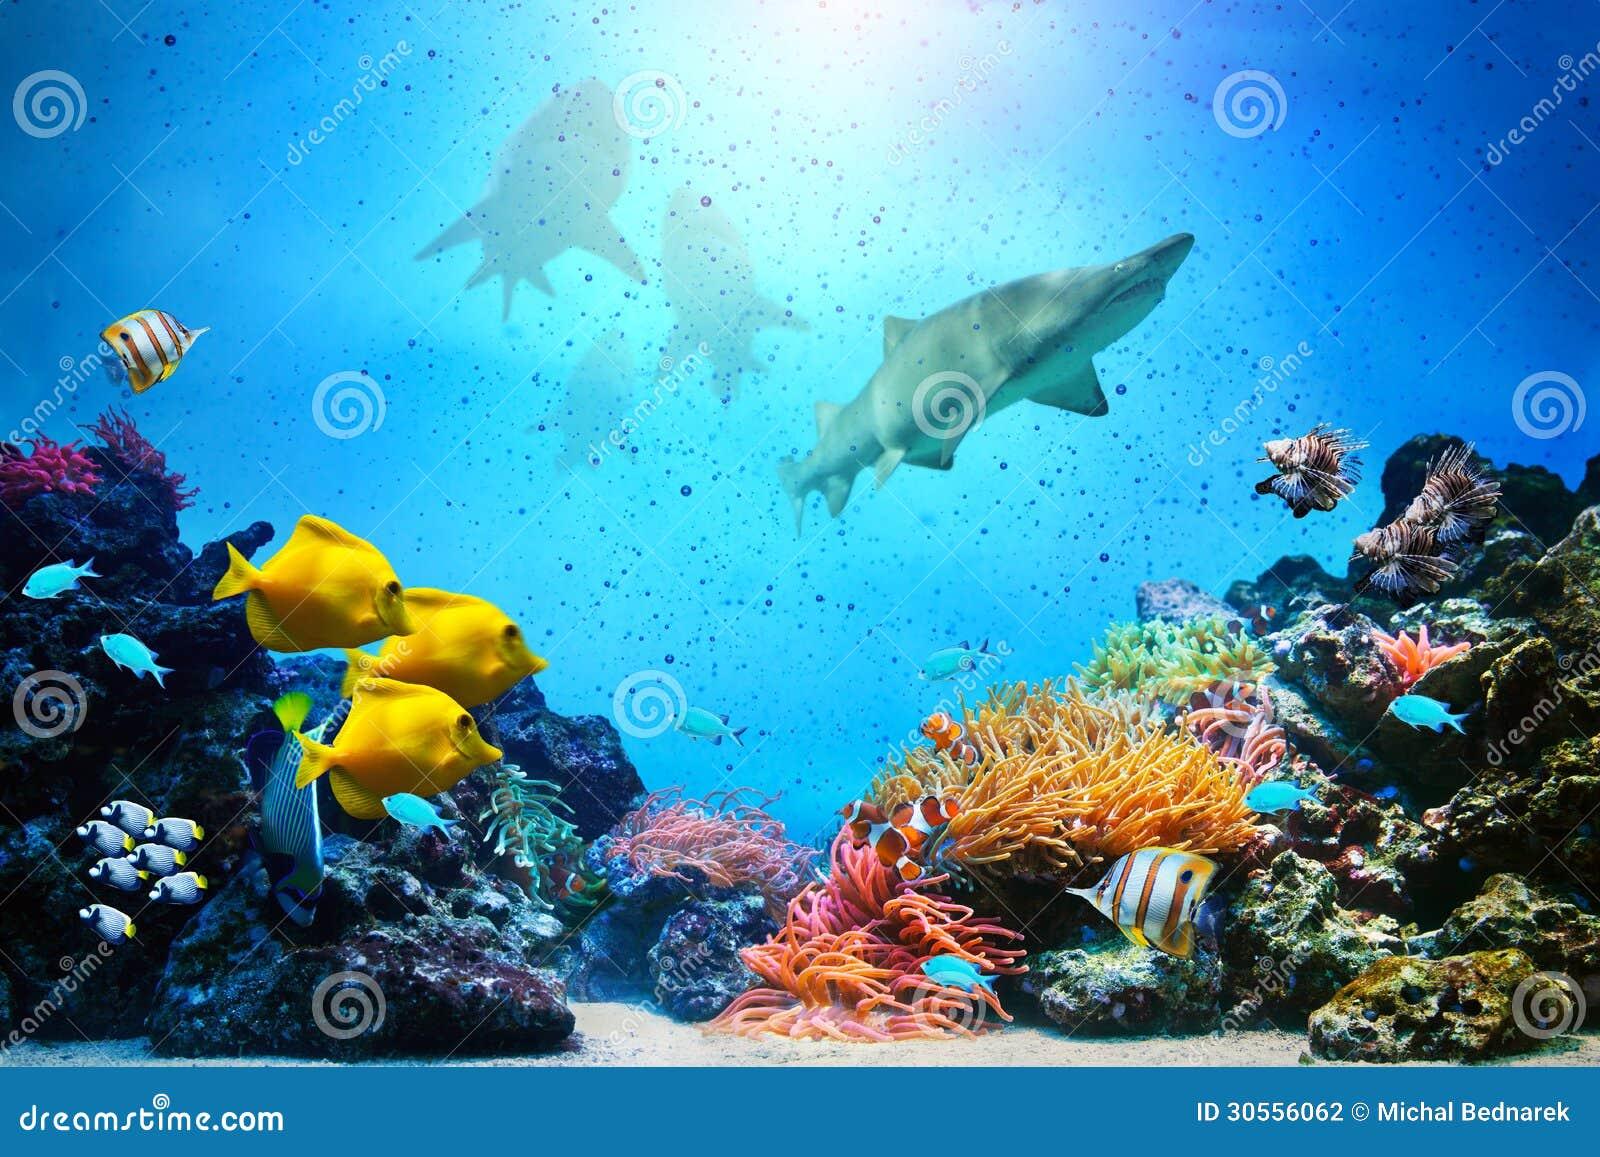 sharks fate ñ from ocean to table essay Documentaire: als wieringen blijft zoals het is door: regie: ren coelho, interviews: jan wolkers uitgegeven op 06-01-2012 om 10:12 een mooie documentaire over het voormalige eiland wieringen, onder regie van ren coelho en.